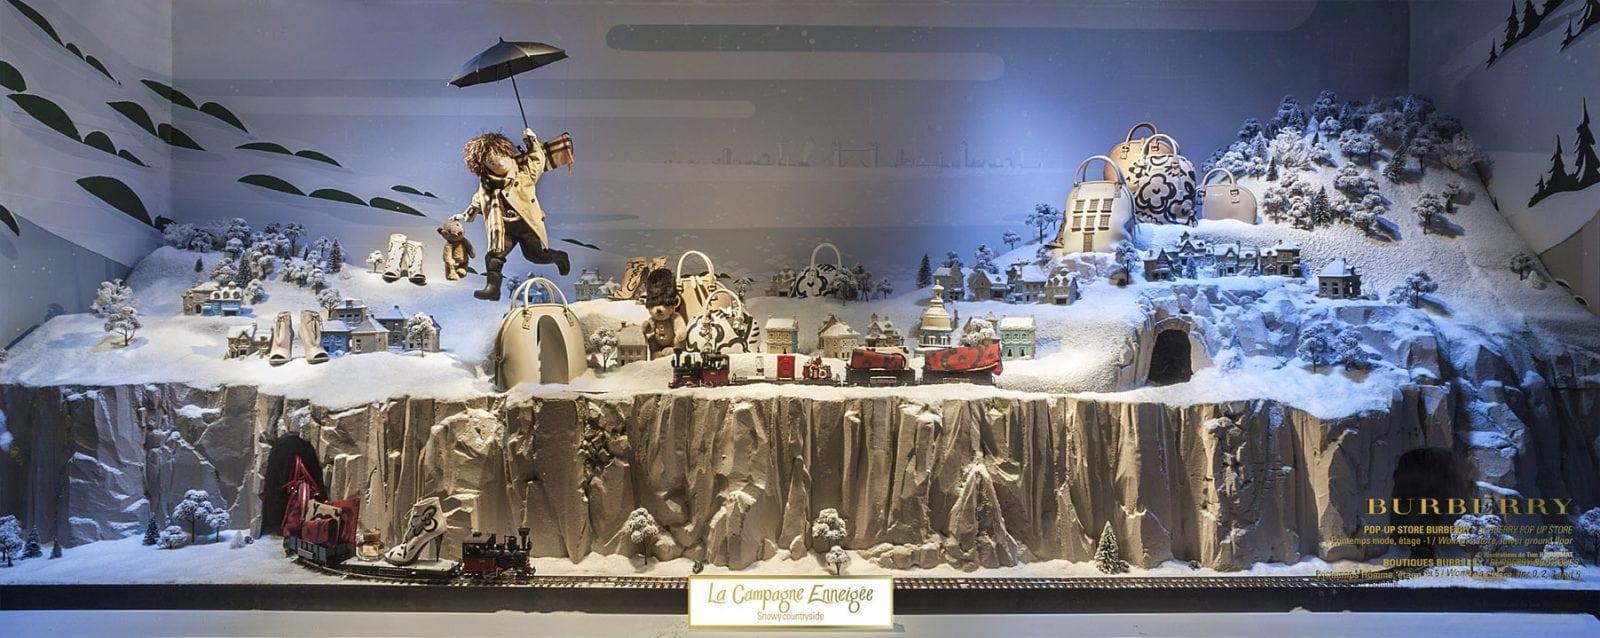 traversee campagne - Crăciunul, o călătorie magică cu Burberry şi Printemps